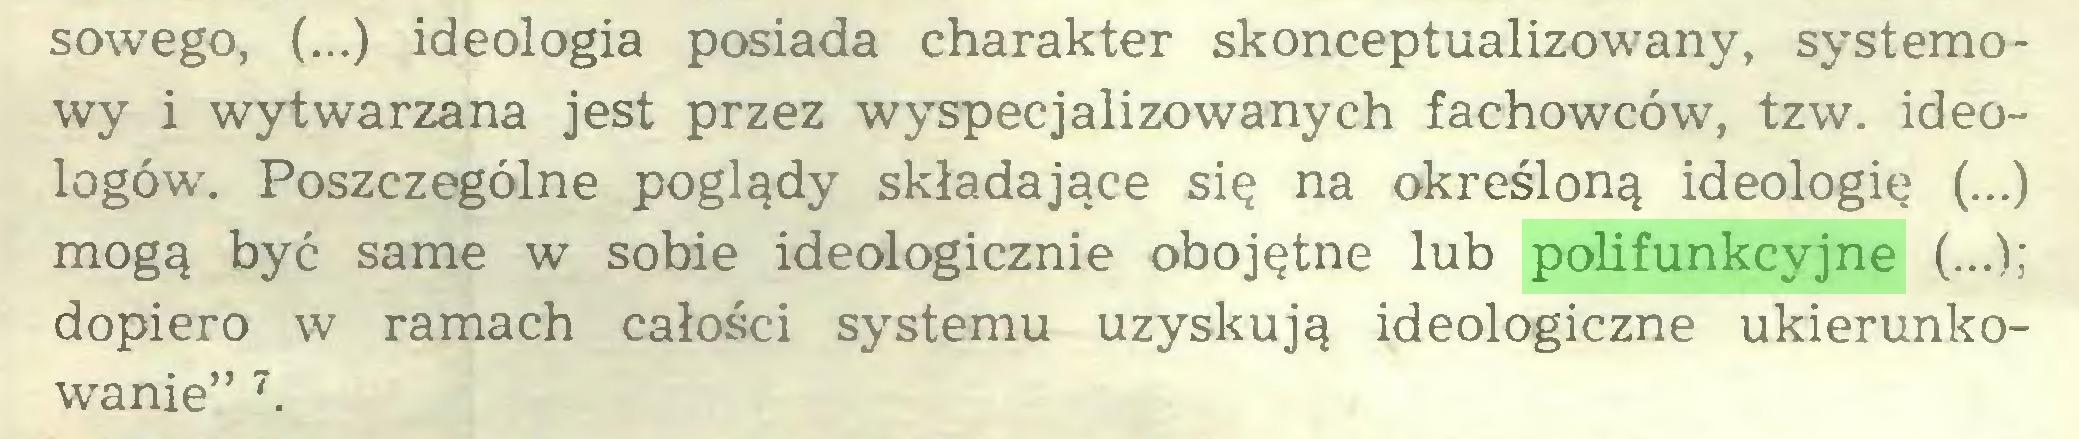 """(...) sowego, (...) ideologia posiada charakter skonceptualizowany, systemowy i wytwarzana jest przez wyspecjalizowanych fachowców, tzw. ideologów. Poszczególne poglądy składające się na określoną ideologię (...) mogą być same w sobie ideologicznie obojętne lub polifunkcyjne (...); dopiero w ramach całości systemu uzyskują ideologiczne ukierunkowanie"""" 7..."""